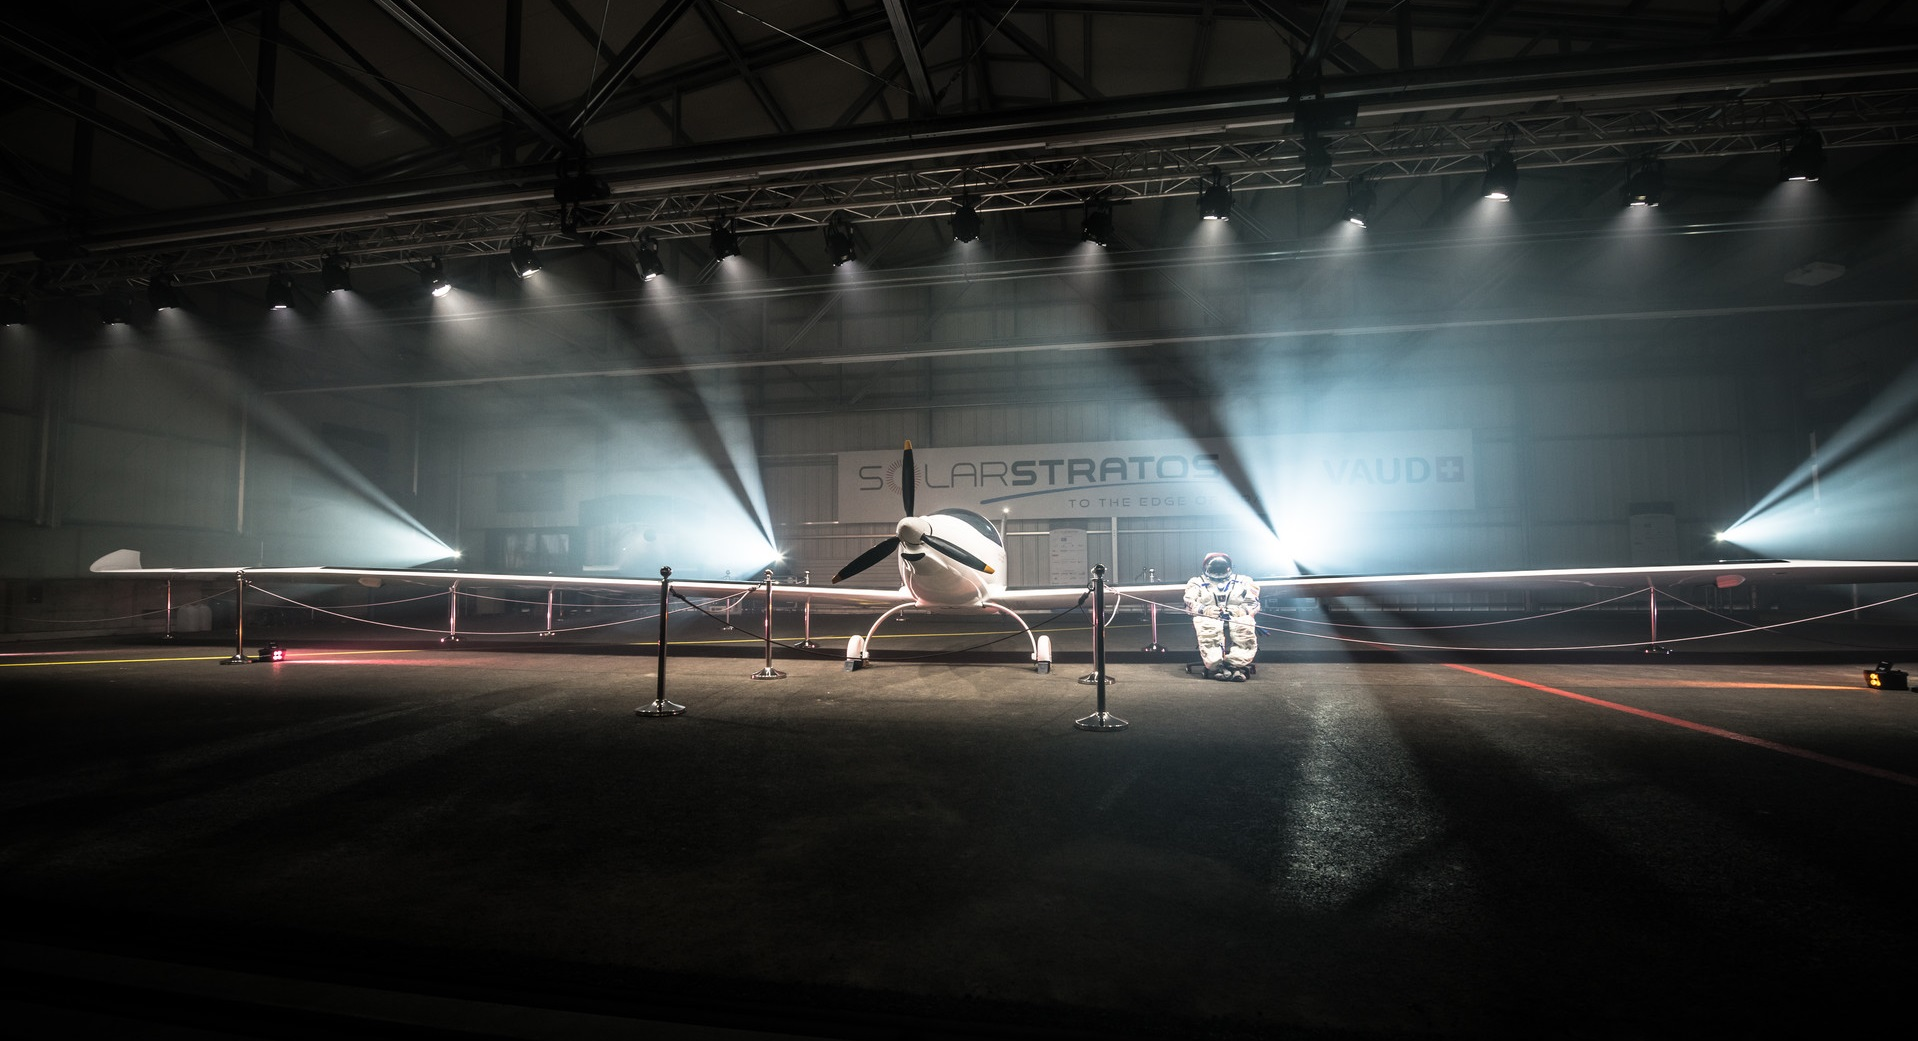 SolarStratos, el reto del avión solar que quiere llegar a la estratosfera